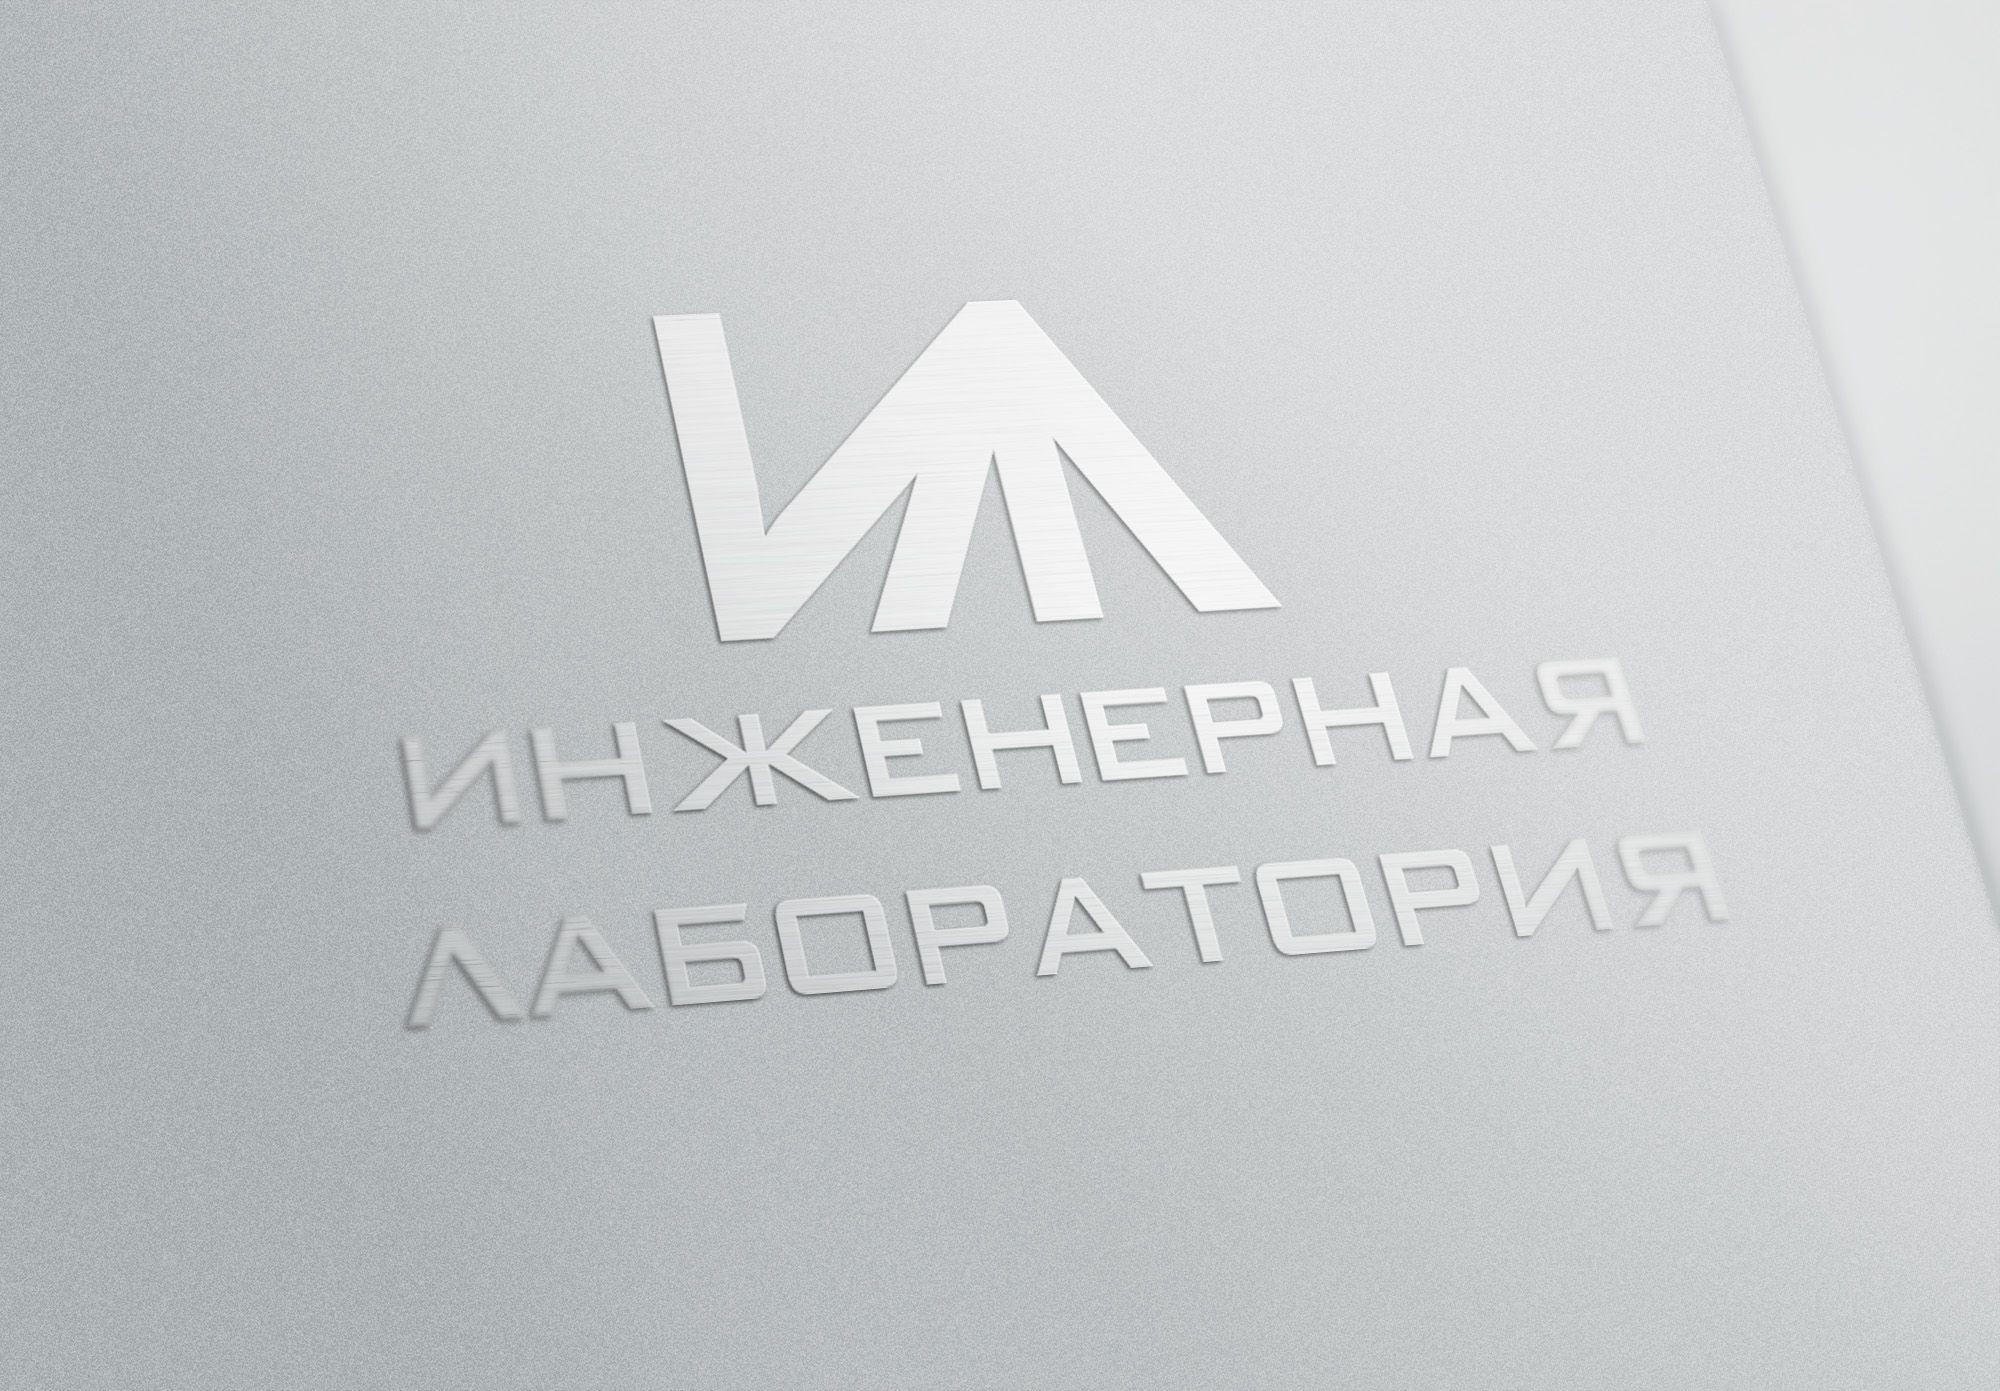 Лого и фирменный стиль для Инженерная лаборатория  - дизайнер trojni